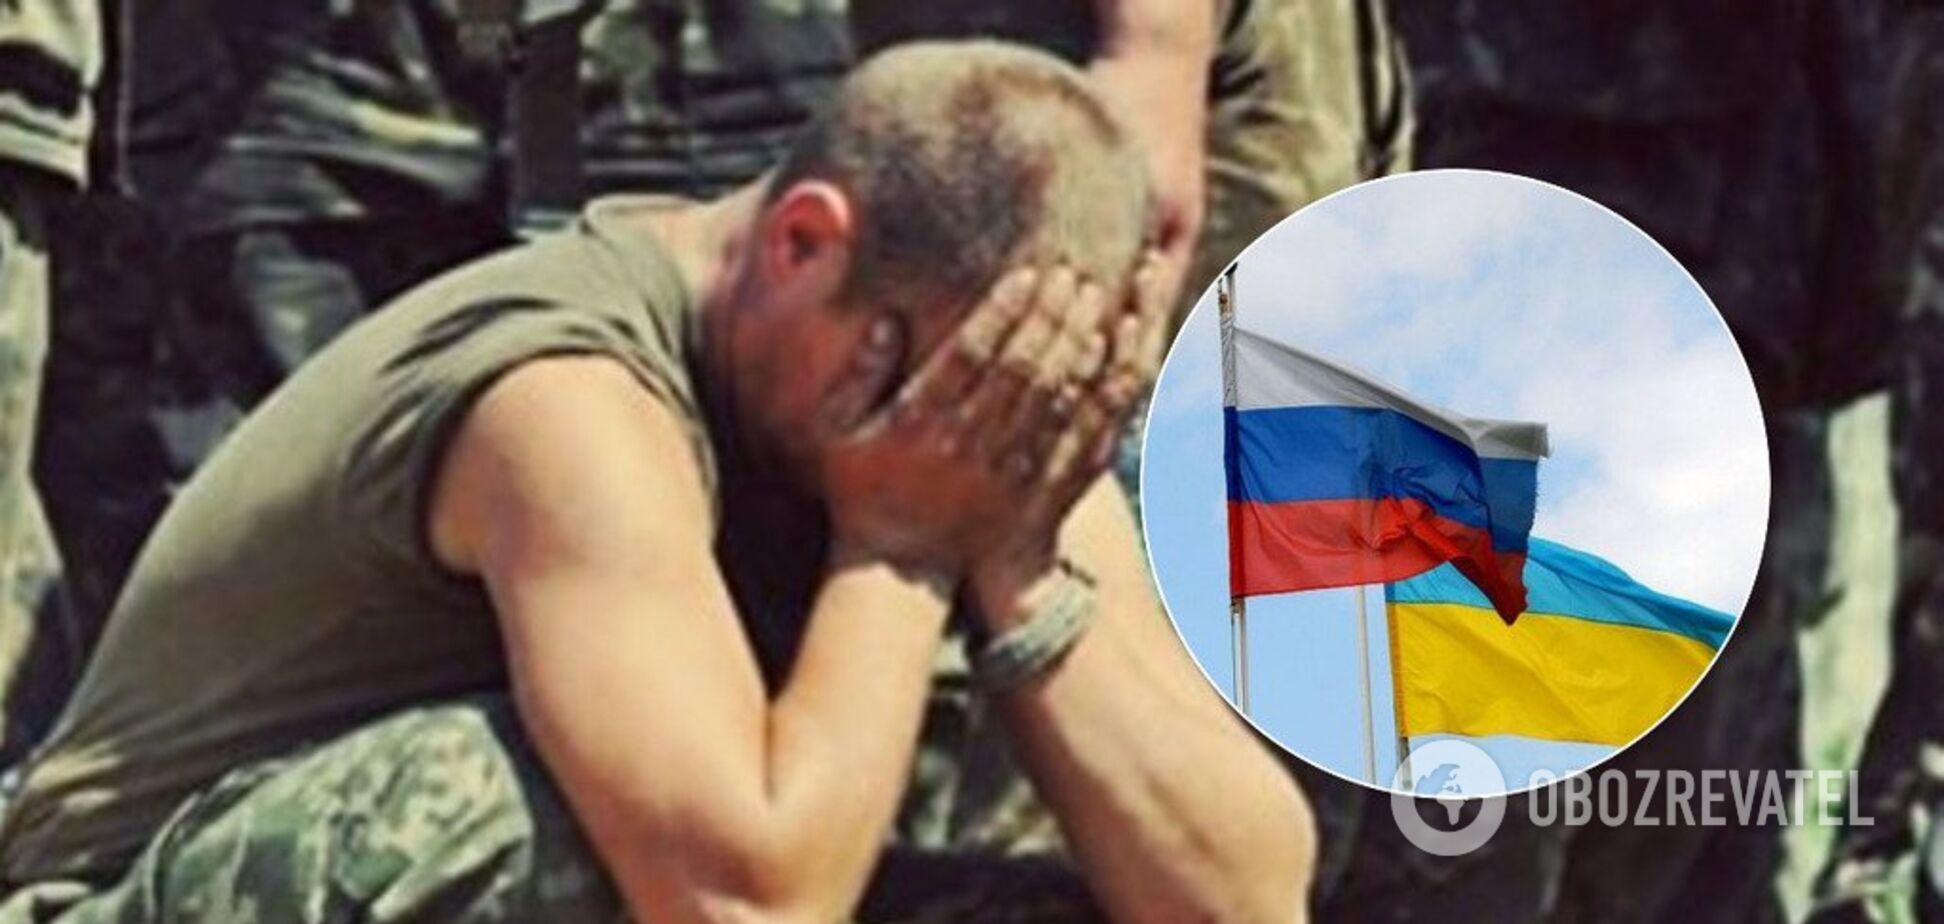 Кремль подтвердил обмен пленными с Украиной: озвучены дата и фамилии